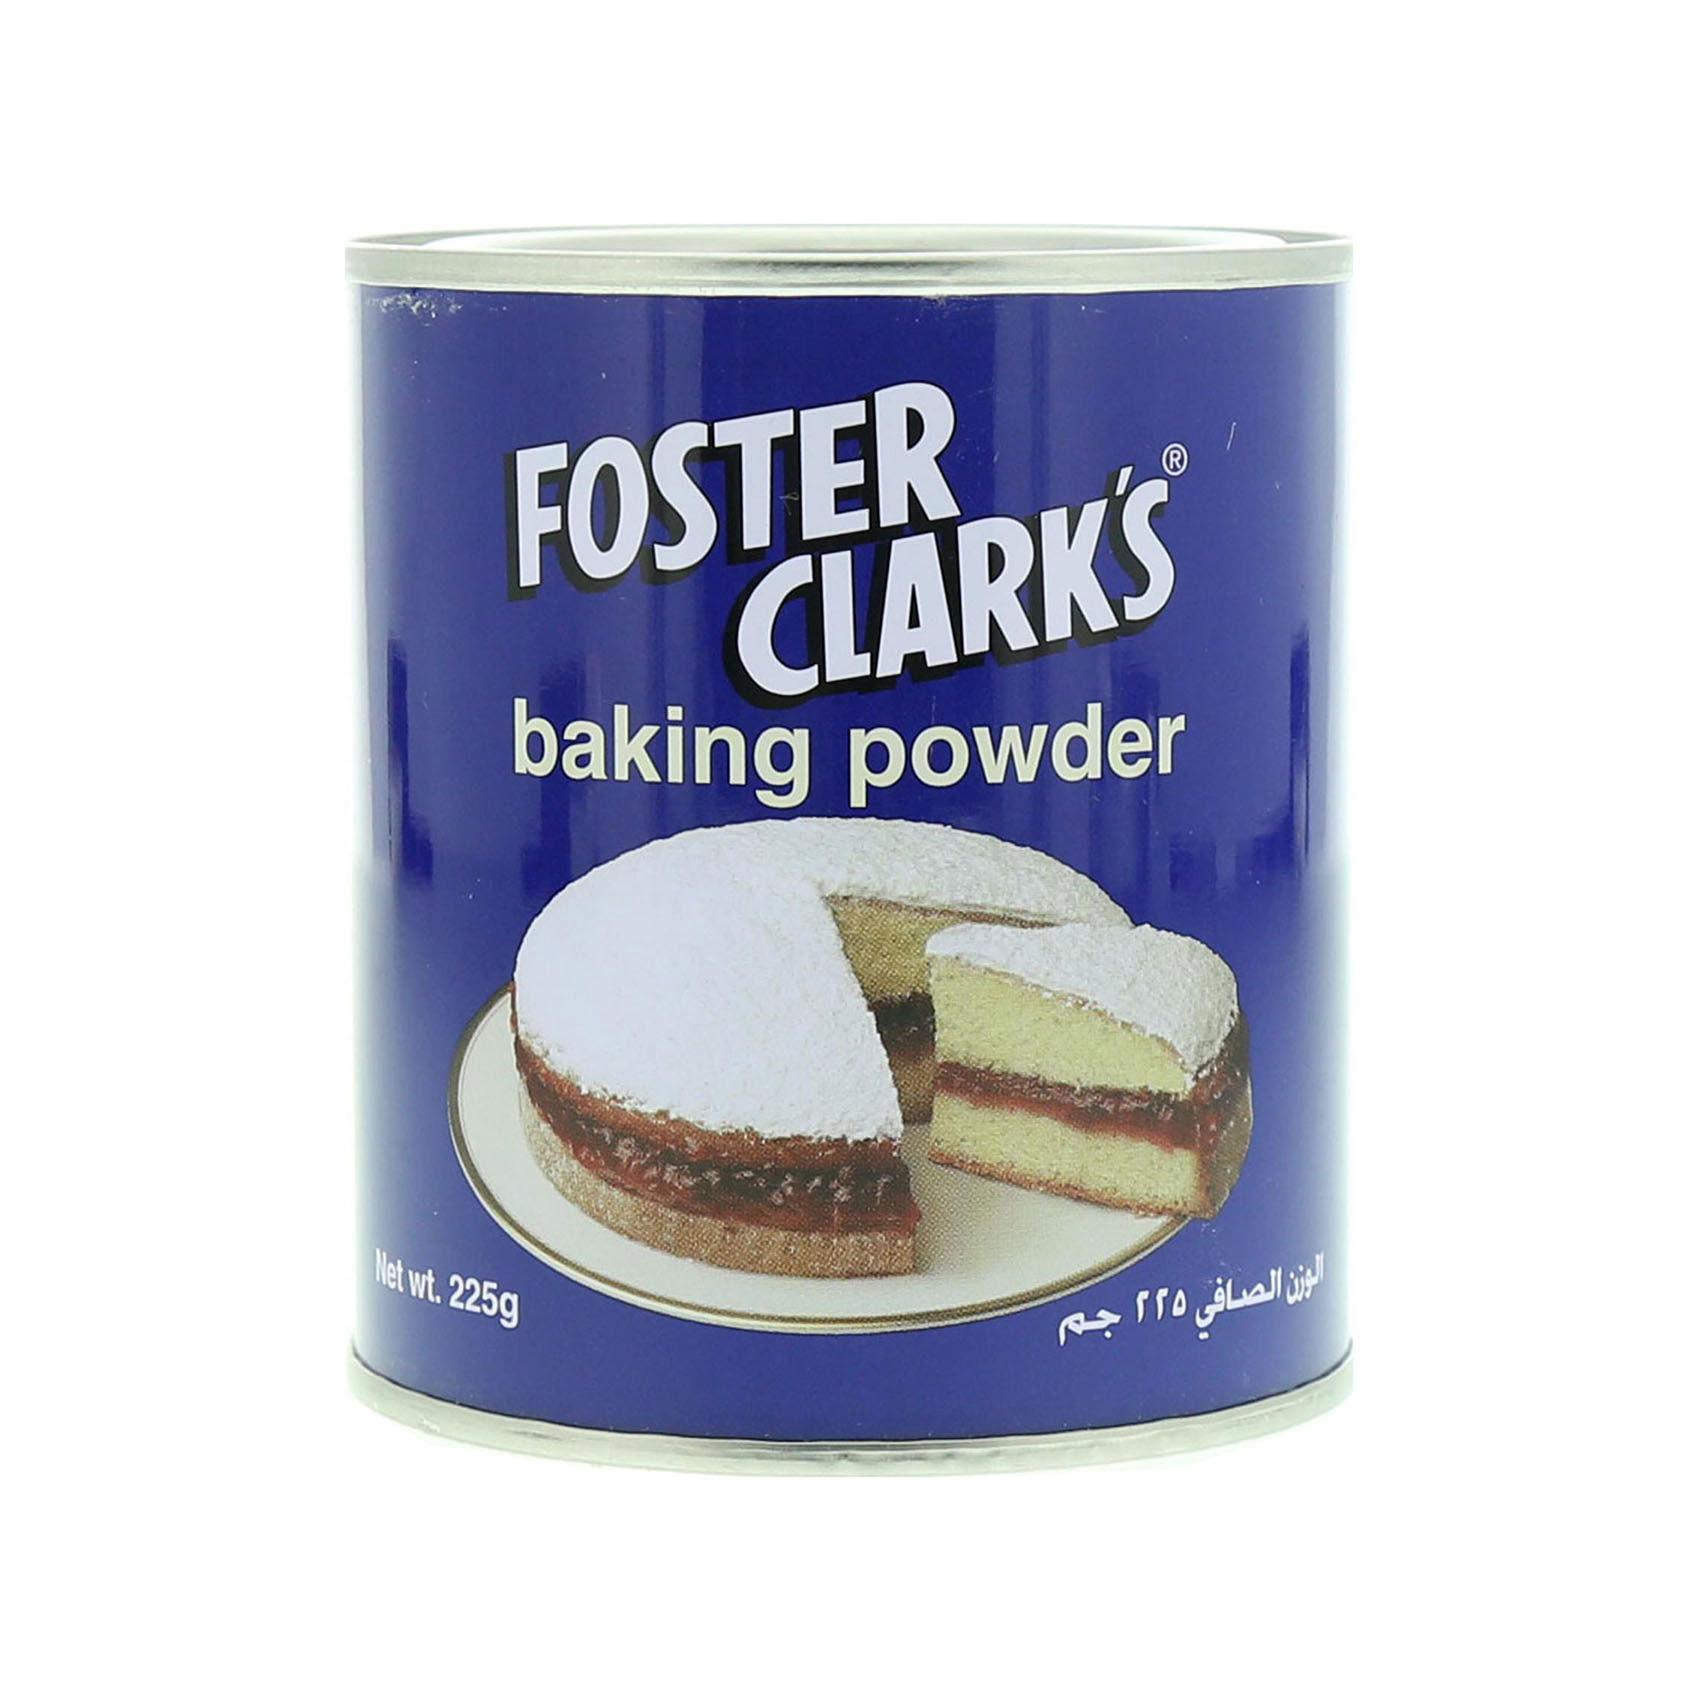 FOSTER CLARK BAKING POWDER 226GR